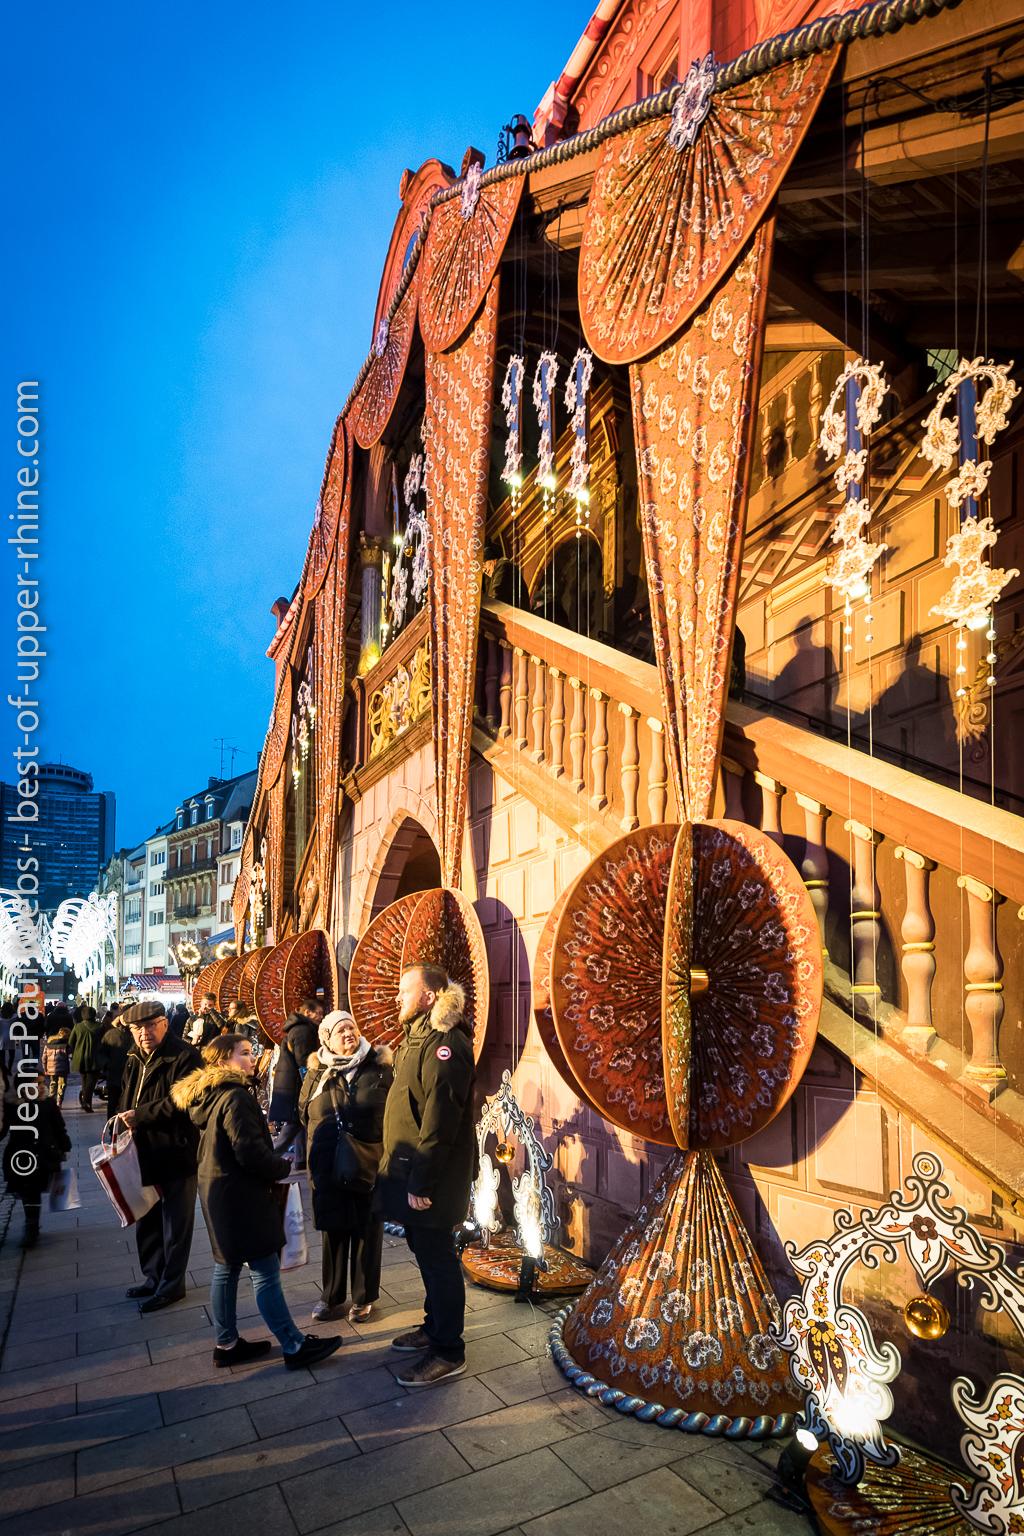 Mulhouse Christmas market and Christmas Fabric.